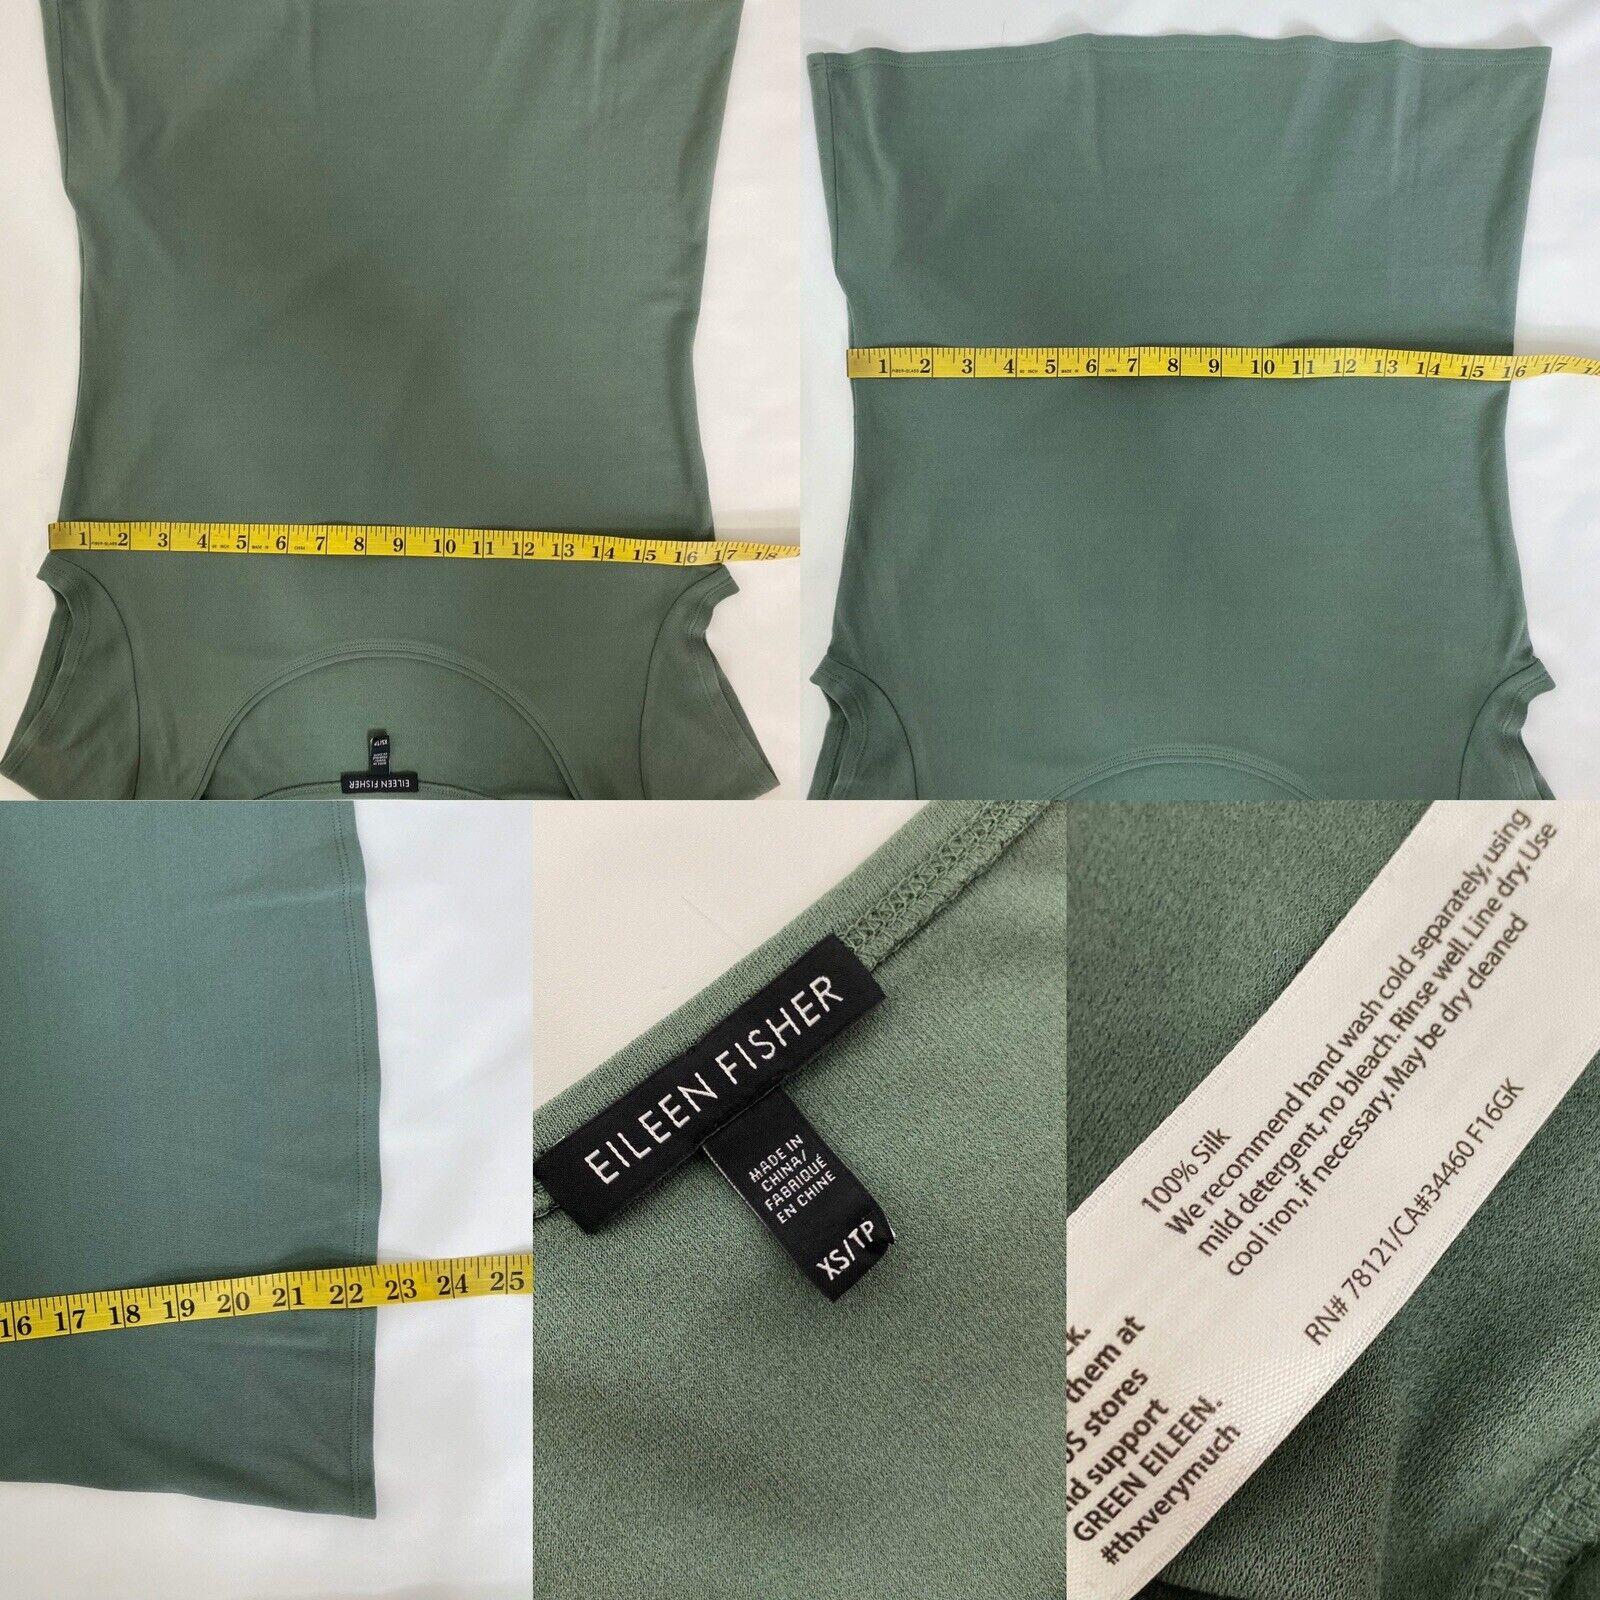 Eileen Fisher Silk Top XS Green Short Sleeve Shirt - image 6